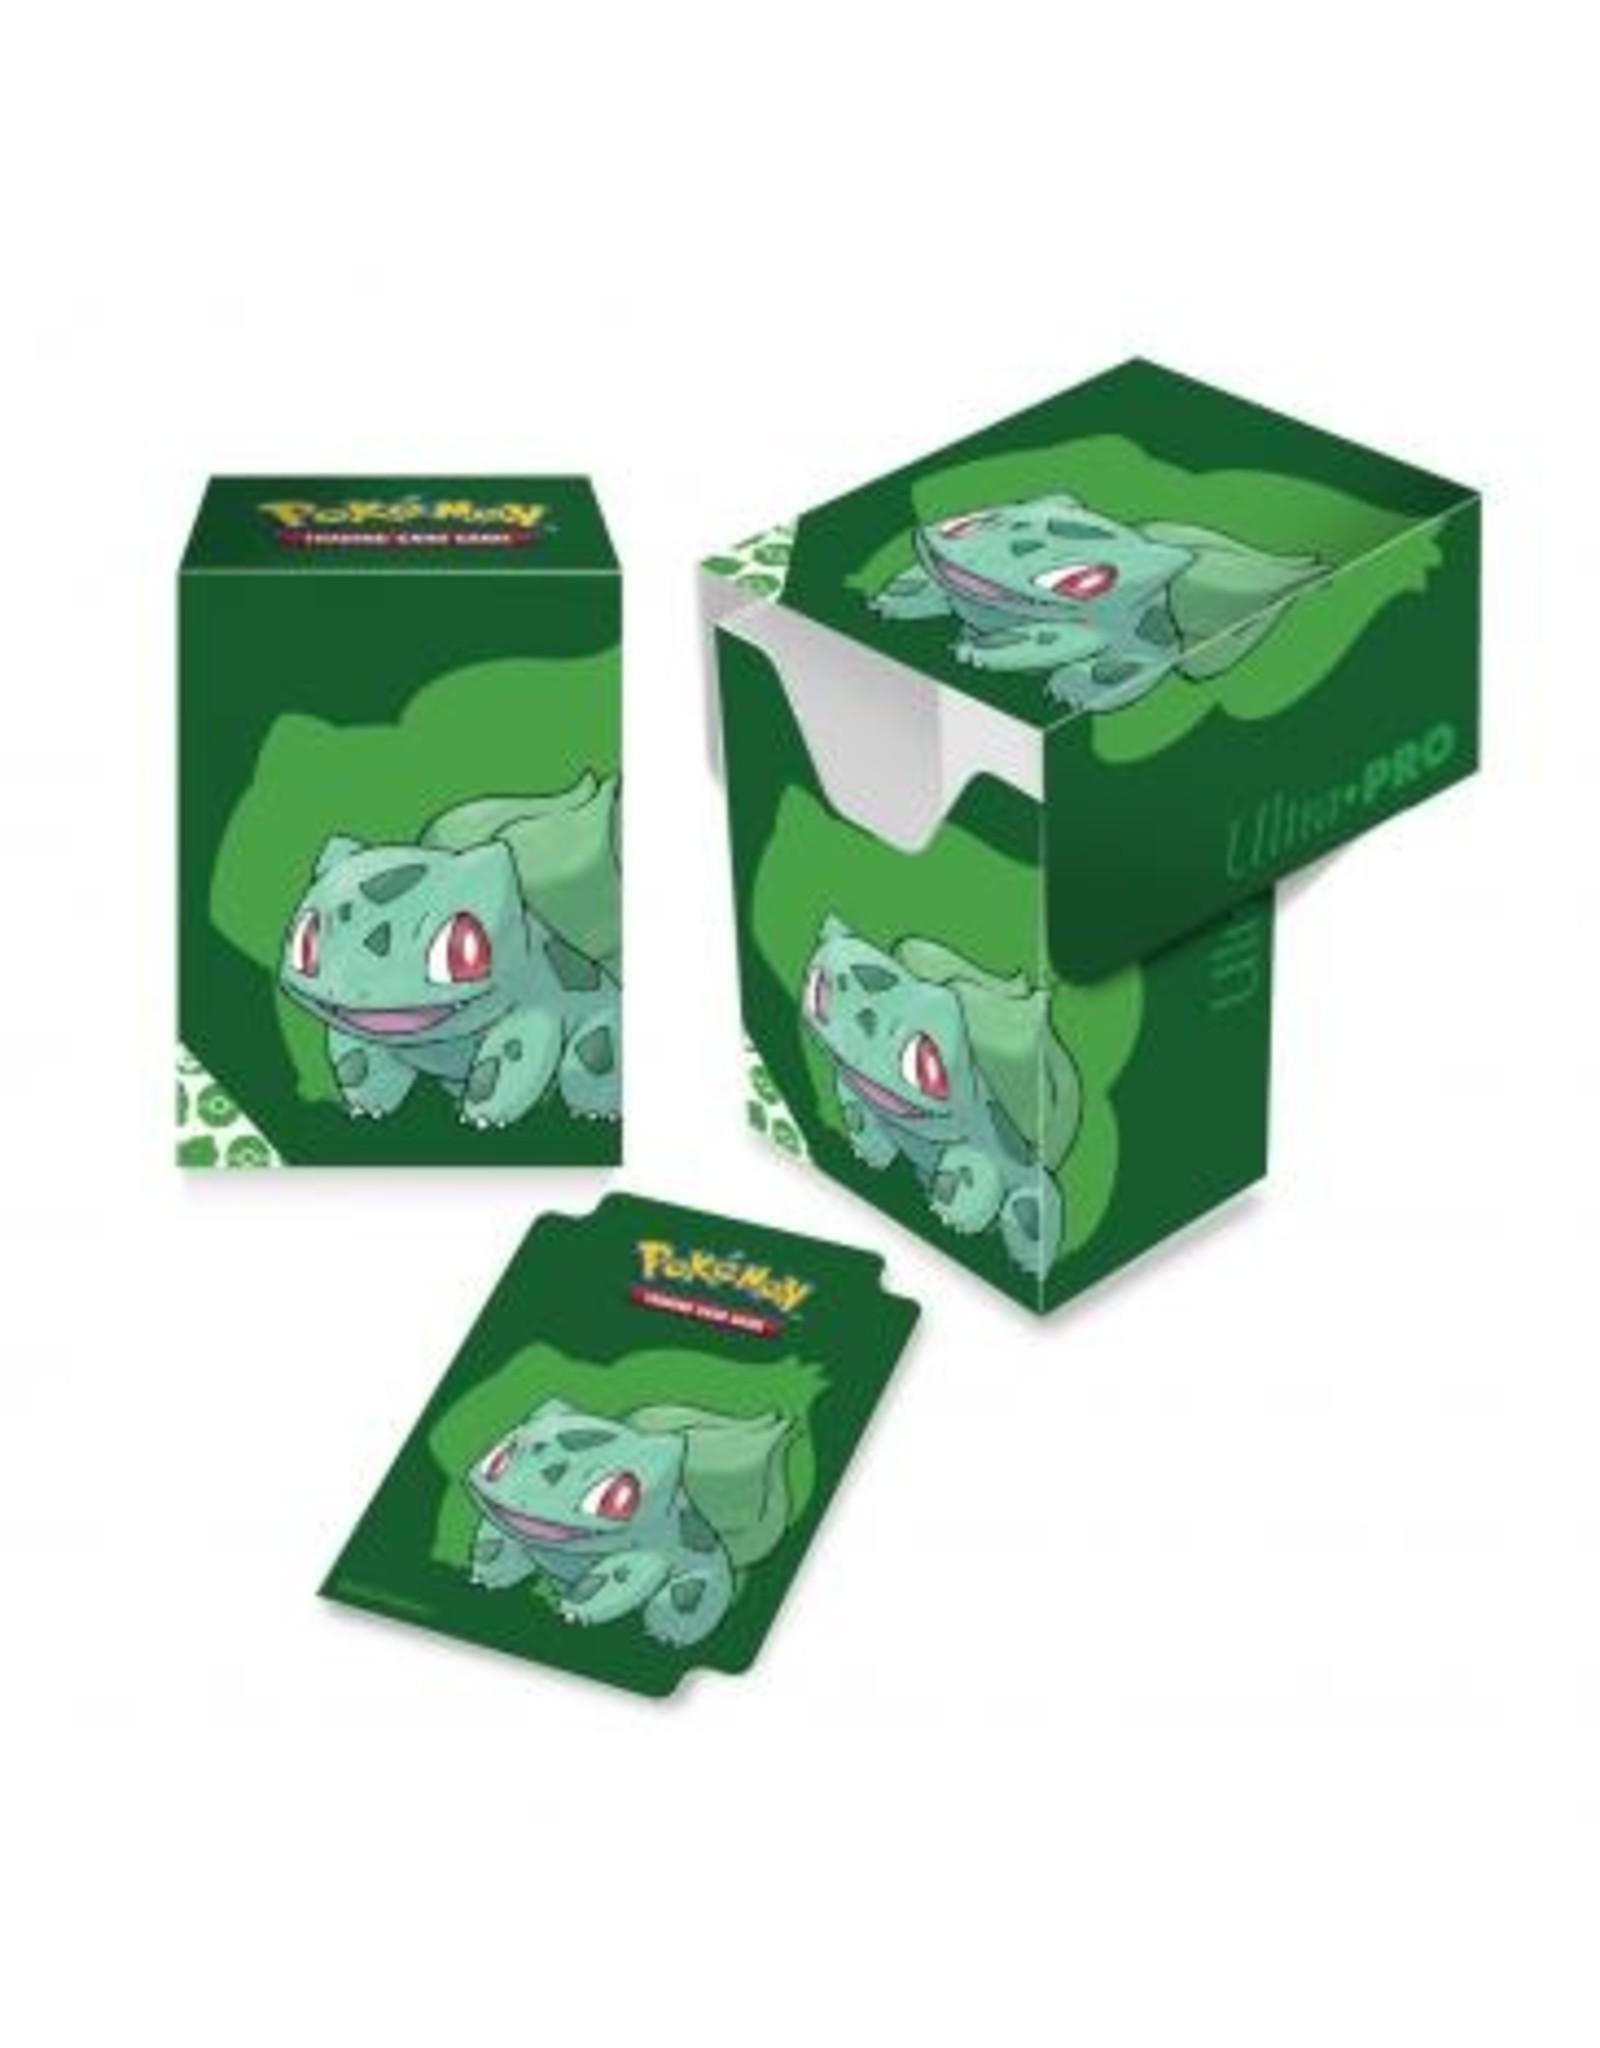 Ultra Pro Bulbasaur Deck Box